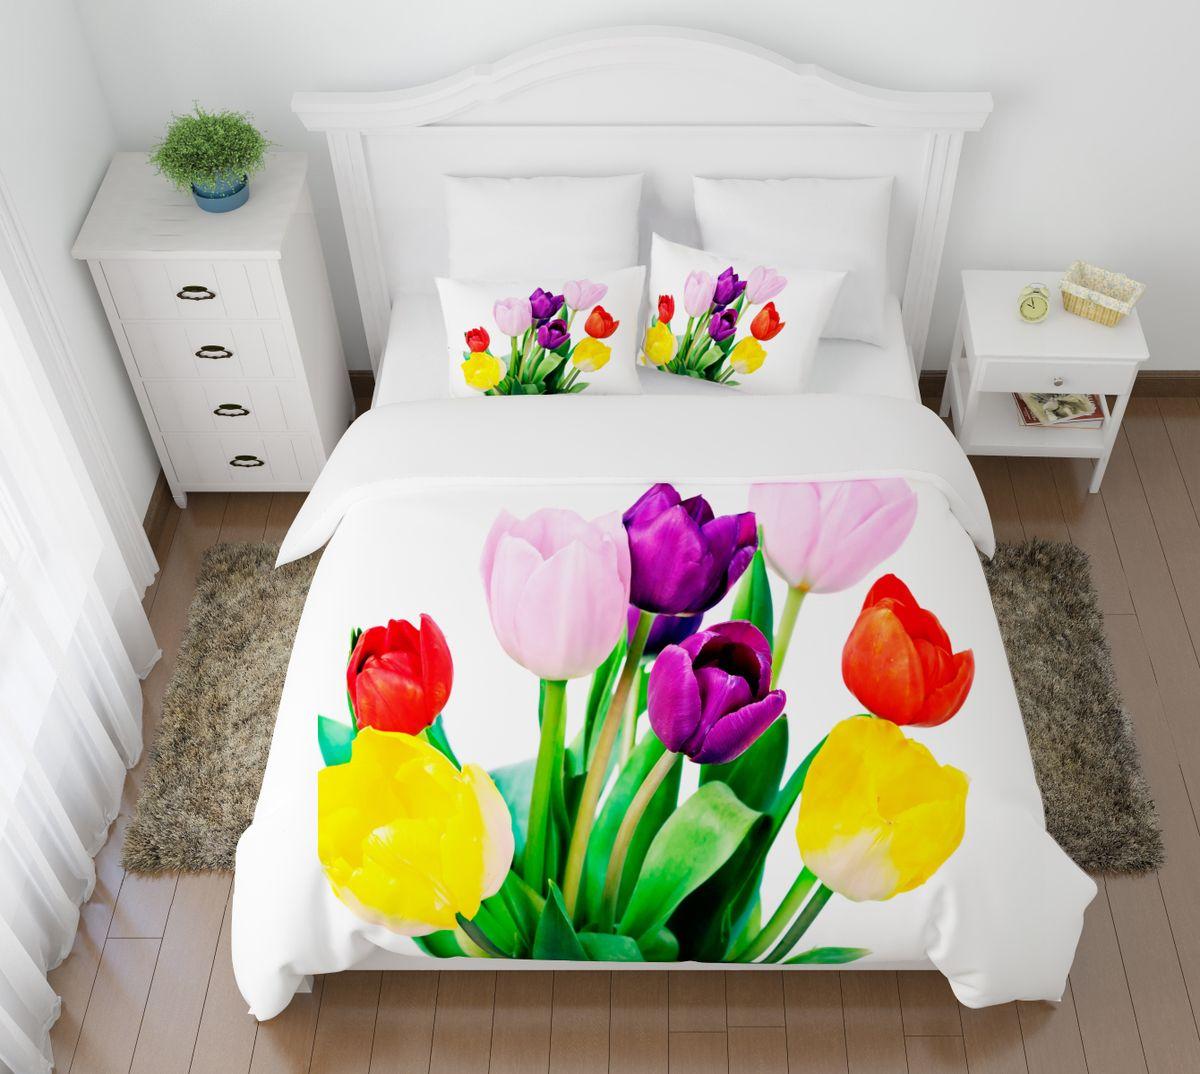 Комплект белья Сирень Весенние цветы, 2-спальный, наволочки 50х70FA-5125 WhiteКомплект постельного белья Сирень выполнен из прочной и мягкой ткани. Четкий и стильный рисунок в сочетании с насыщенными красками делают комплект постельного белья неповторимой изюминкой любого интерьера.Постельное белье идеально подойдет для подарка. Идеальное соотношение смешенной ткани и гипоаллергенных красок - это гарантия здорового, спокойного сна. Ткань хорошо впитывает влагу, надолго сохраняет яркость красок.В комплект входят: простынь, пододеяльник, две наволочки. Постельное белье легко стирать при 30-40°С, гладить при 150°С, не отбеливать. Рекомендуется перед первым использованием постирать.УВАЖАЕМЫЕ КЛИЕНТЫ! Обращаем ваше внимание, что цвет простыни, пододеяльника, наволочки в комплектации может немного отличаться от представленного на фото.